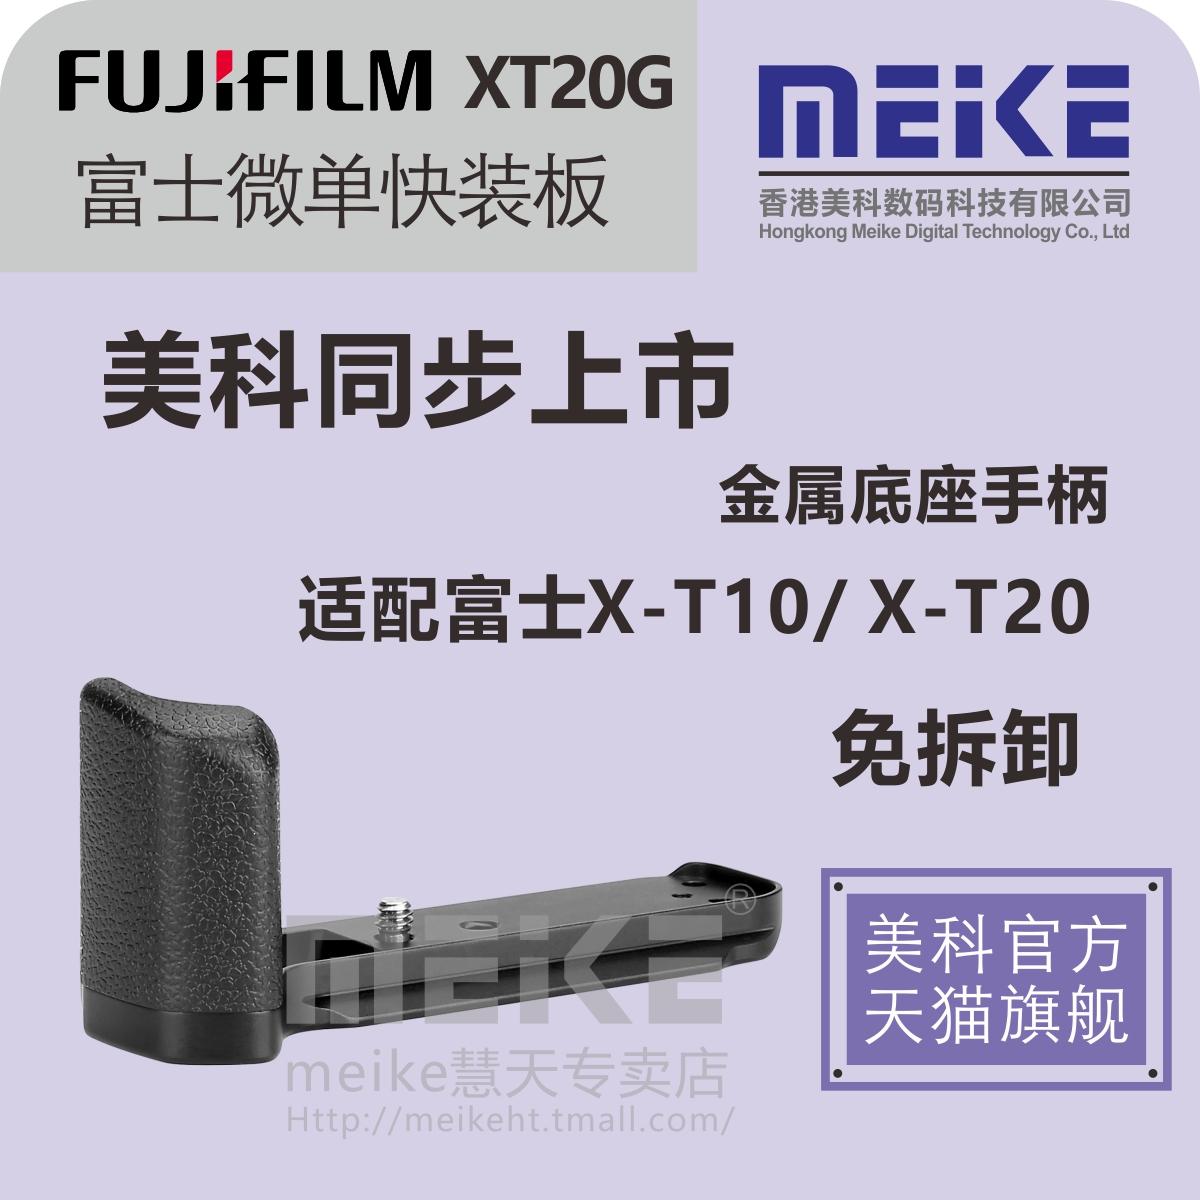 Прекрасный семья MK-XT20G фудзи слегка один XT10/XT20 красный металлический быстро нагруженный обрабатывать L типа скобка